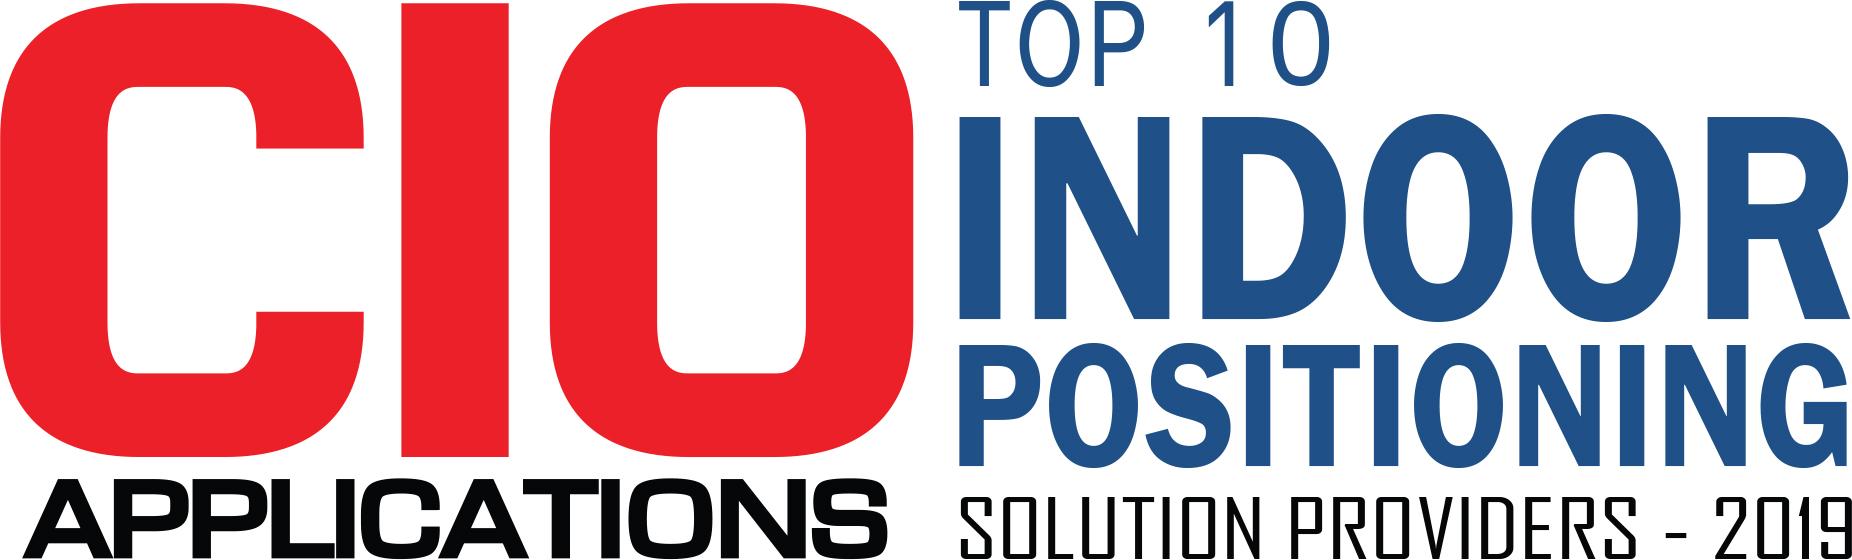 Top 10 Indoor Positioning Solution Companies - 2019